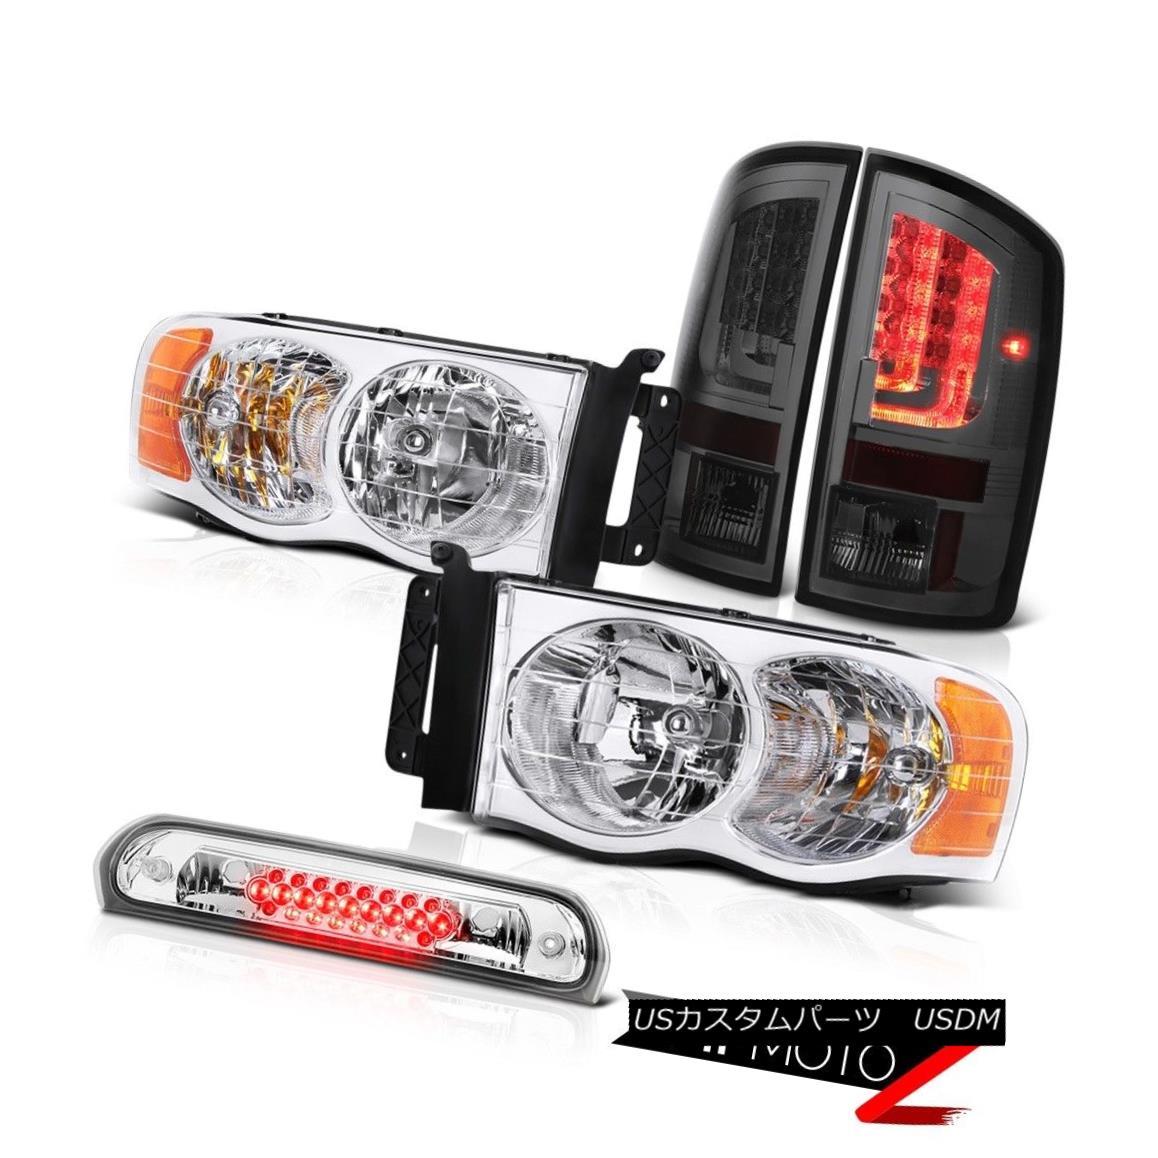 車用品 バイク用品 >> パーツ ライト ランプ テールライト 02-05 Ram 大注目 1500 2500 LED 3RD 70%OFFアウトレット Chrome Brake Lamp Headlamps STテールランプユーロクロームヘッドランプ3RDブレーキランプLED ST Euro 3500 Taillights